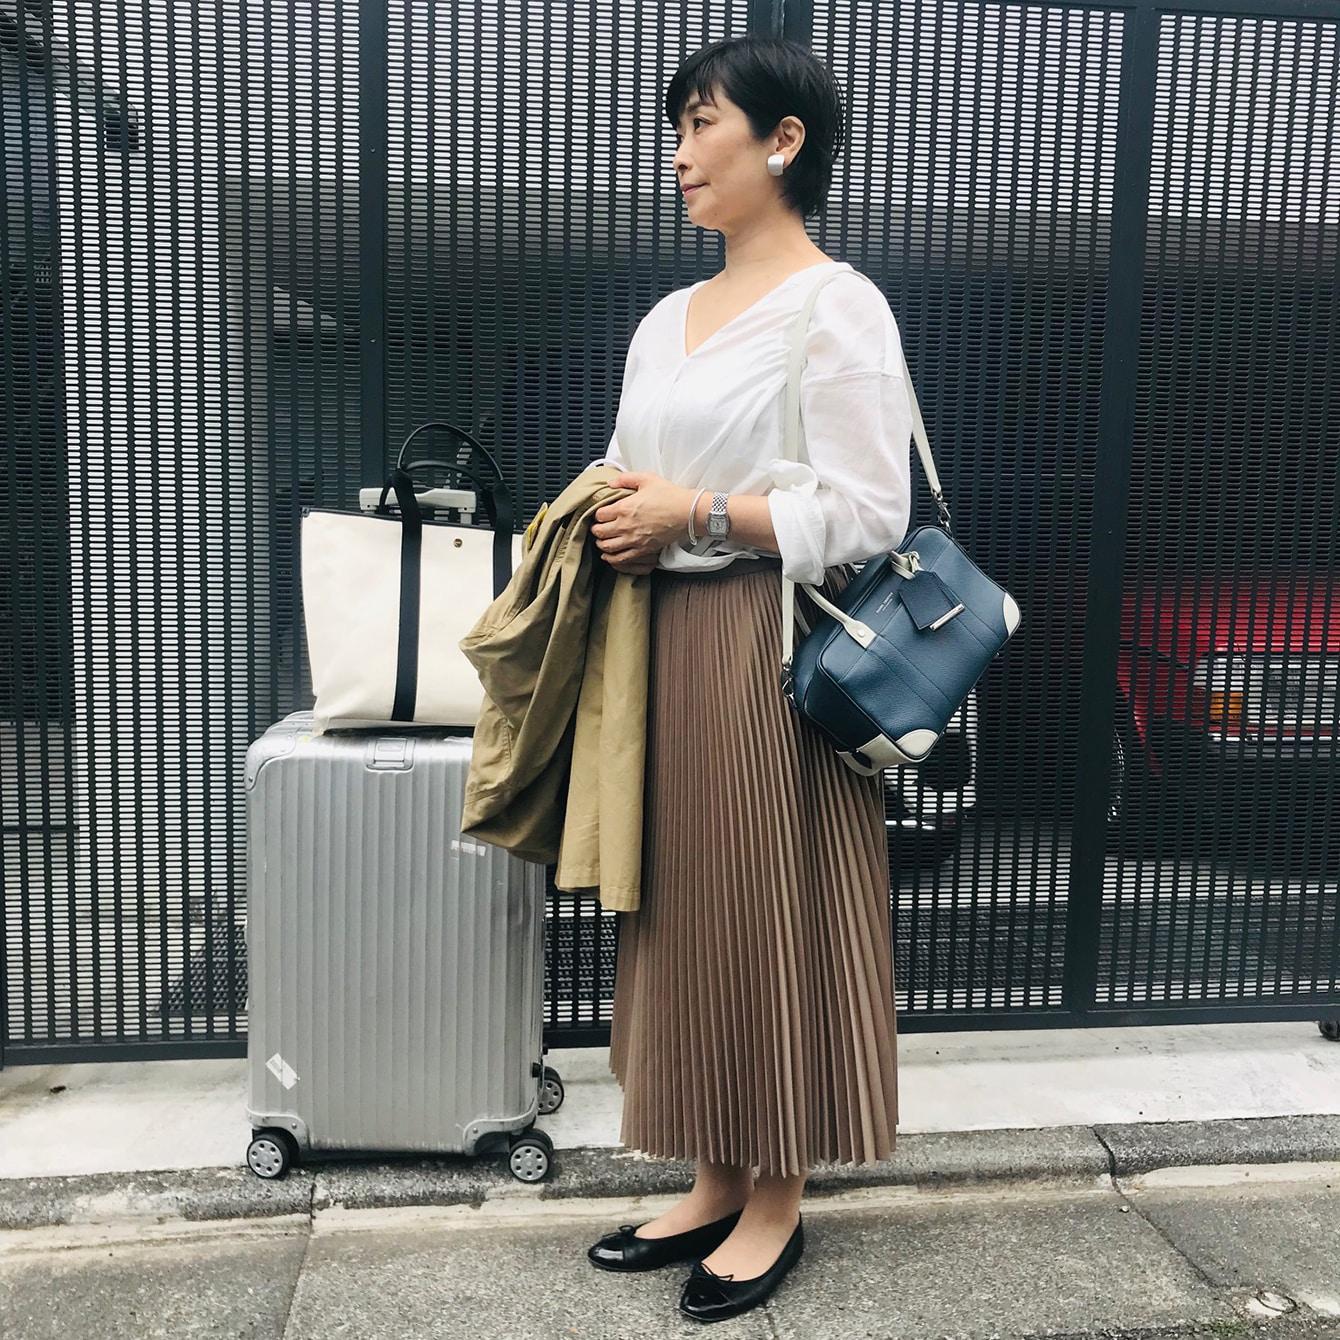 見映え&快適! 旅ファッション上達術【『母とヨーロッパへ行く』番外編】